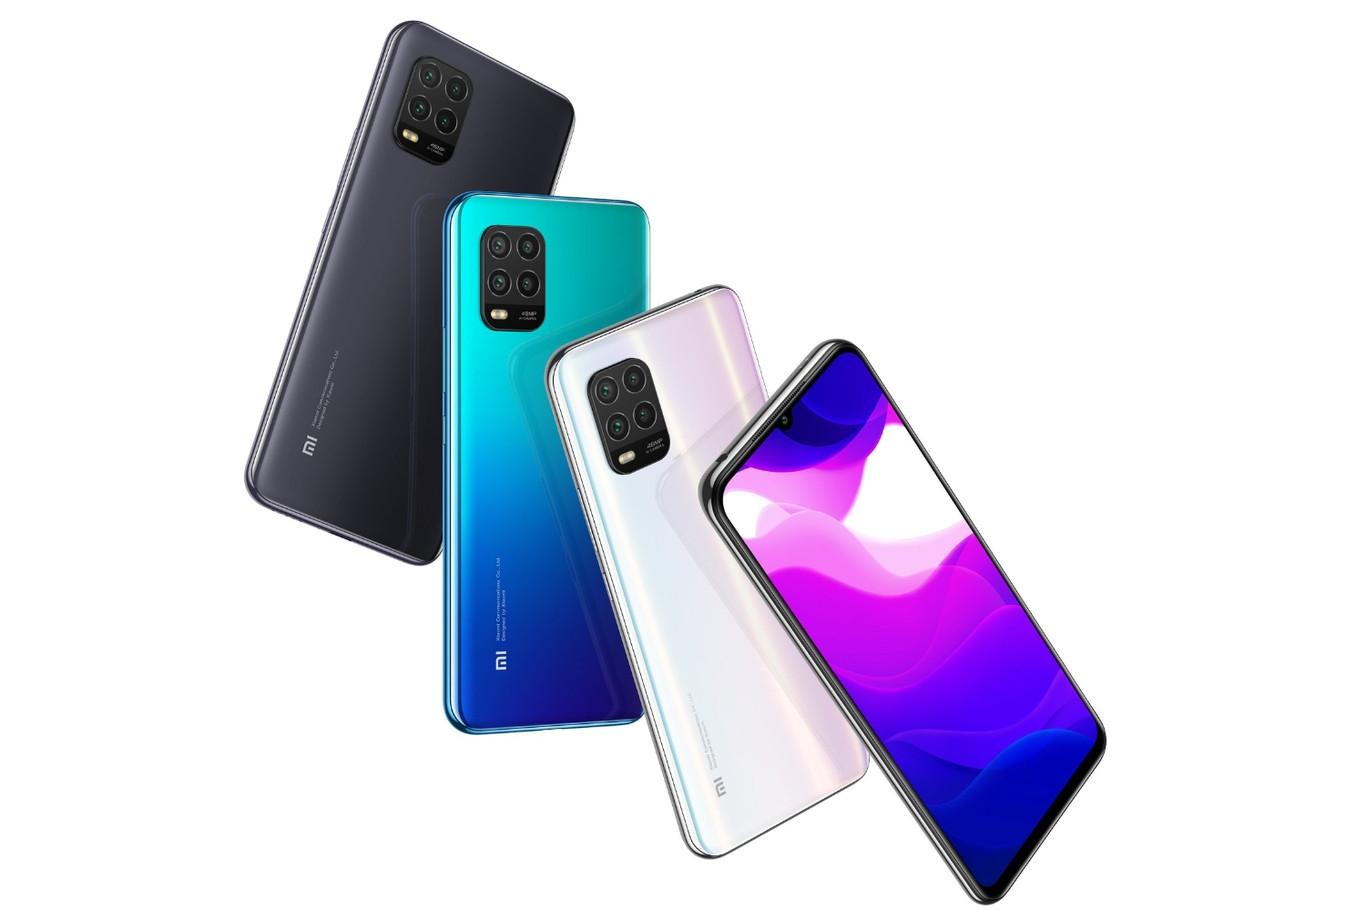 Xiaomi Mi 10 Lite: новый представитель топовой серии с 5G - Rozetked.me